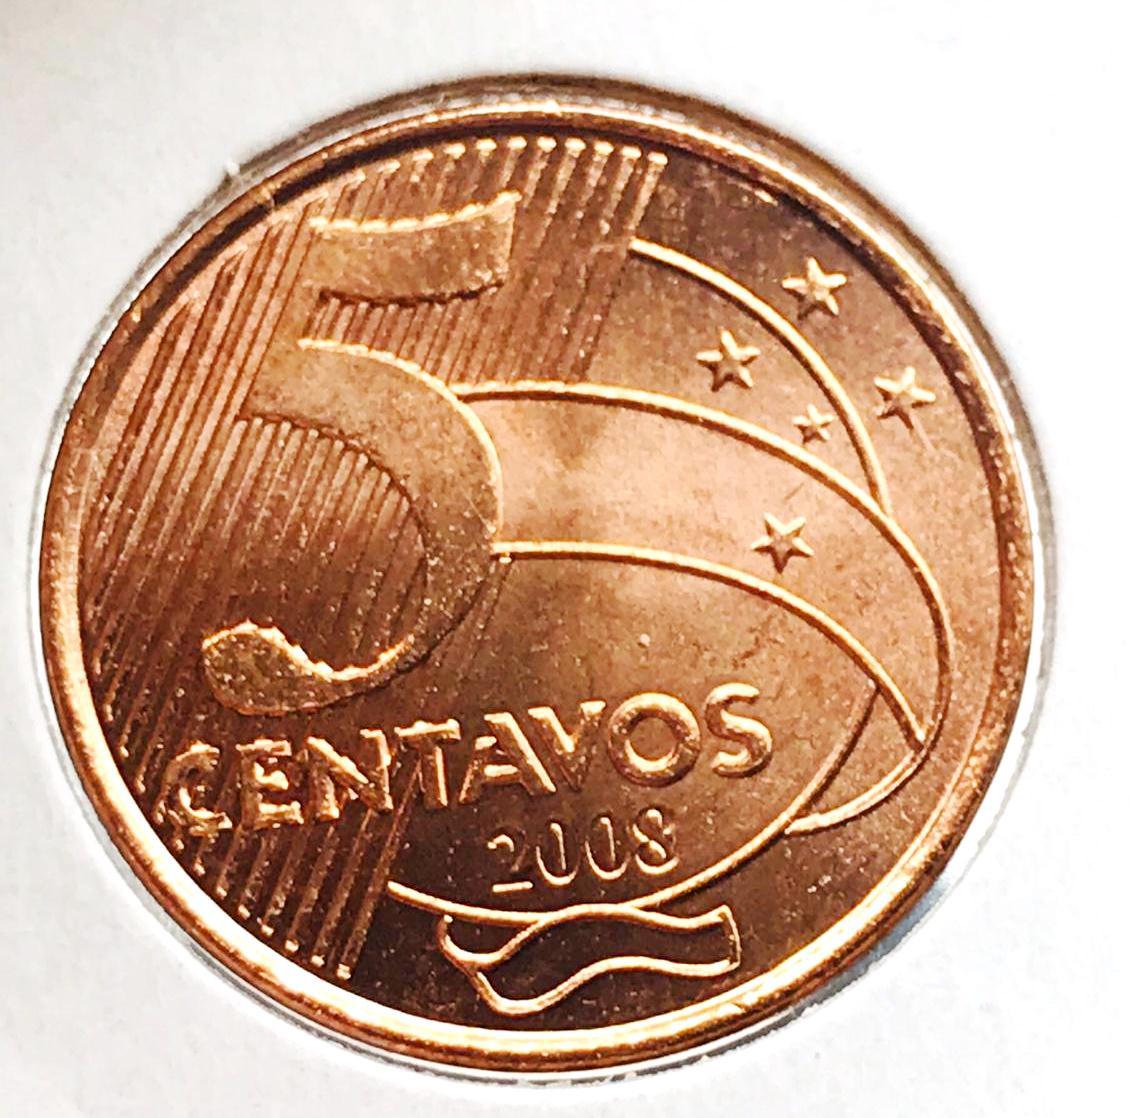 5 CENTAVOS 2008-FC ESCASSA-RARA